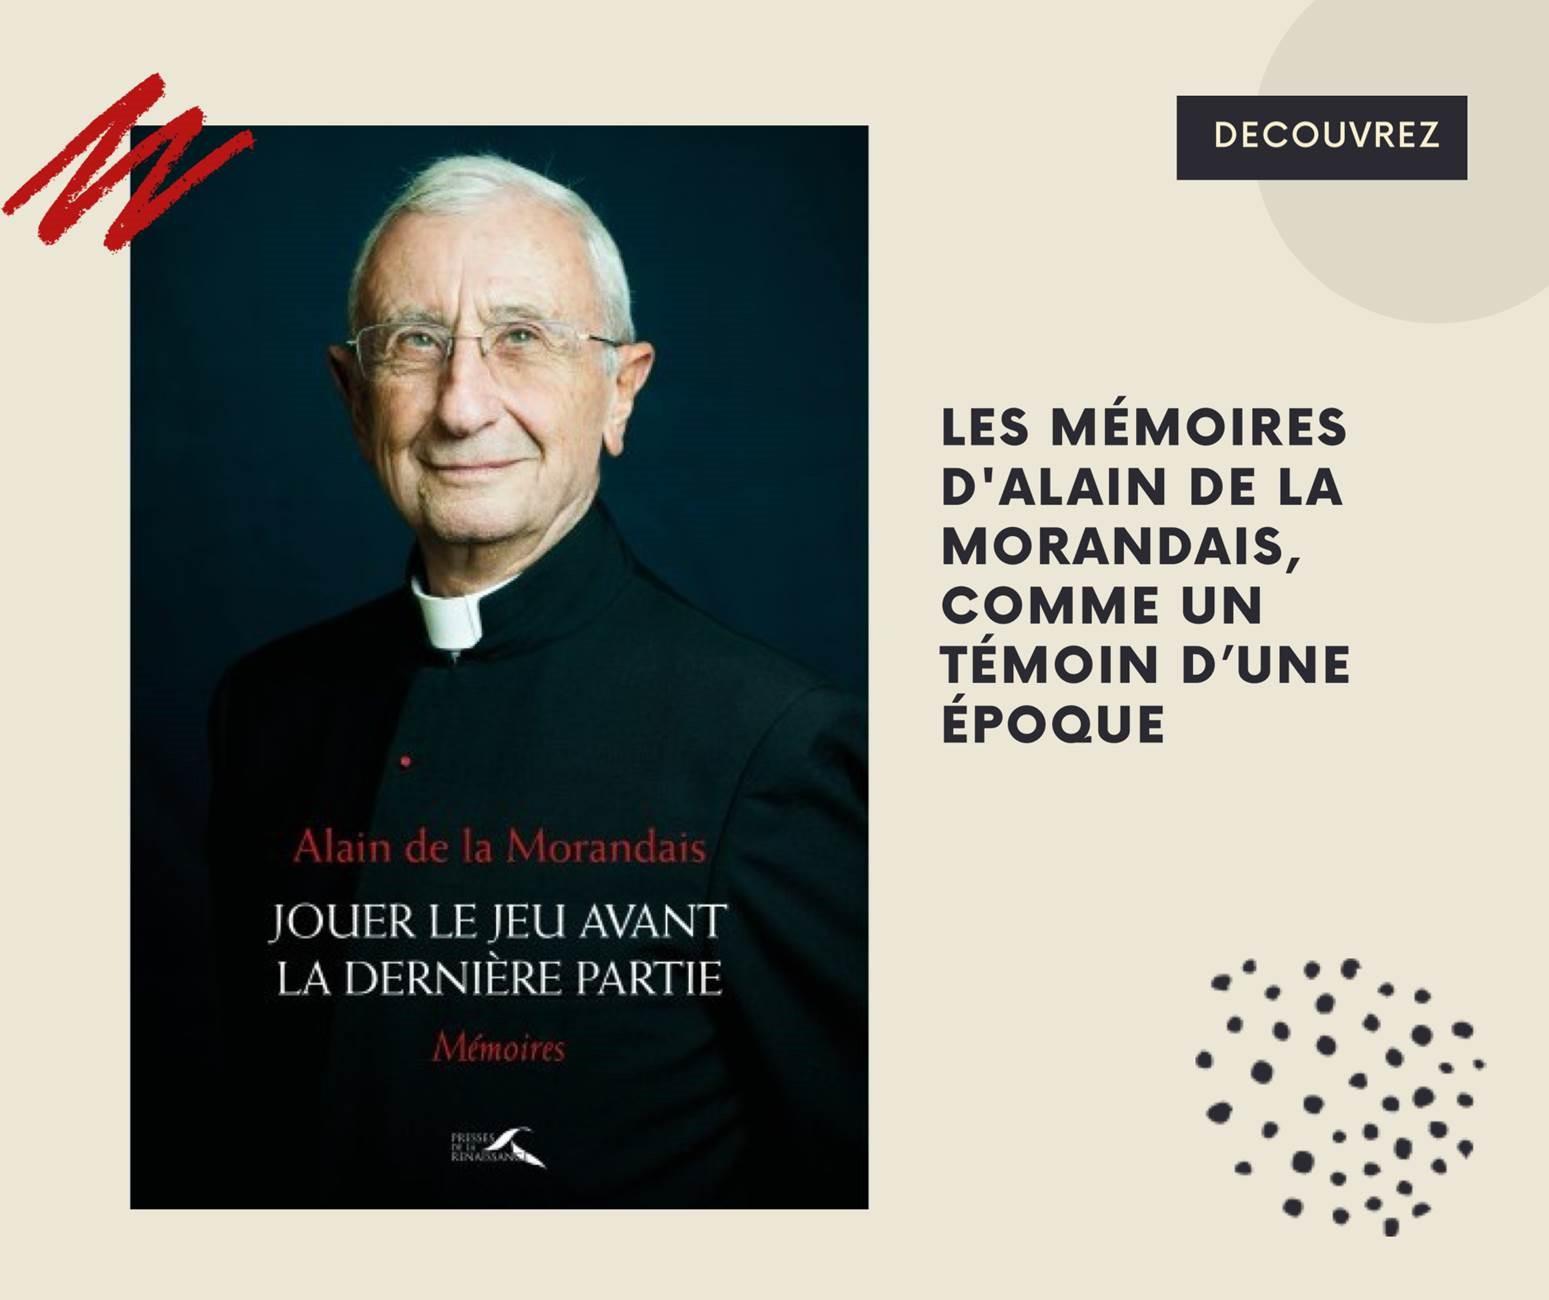 Jouer le jeu avant la dernière partie : mémoires Alain Maillard de La Morandais